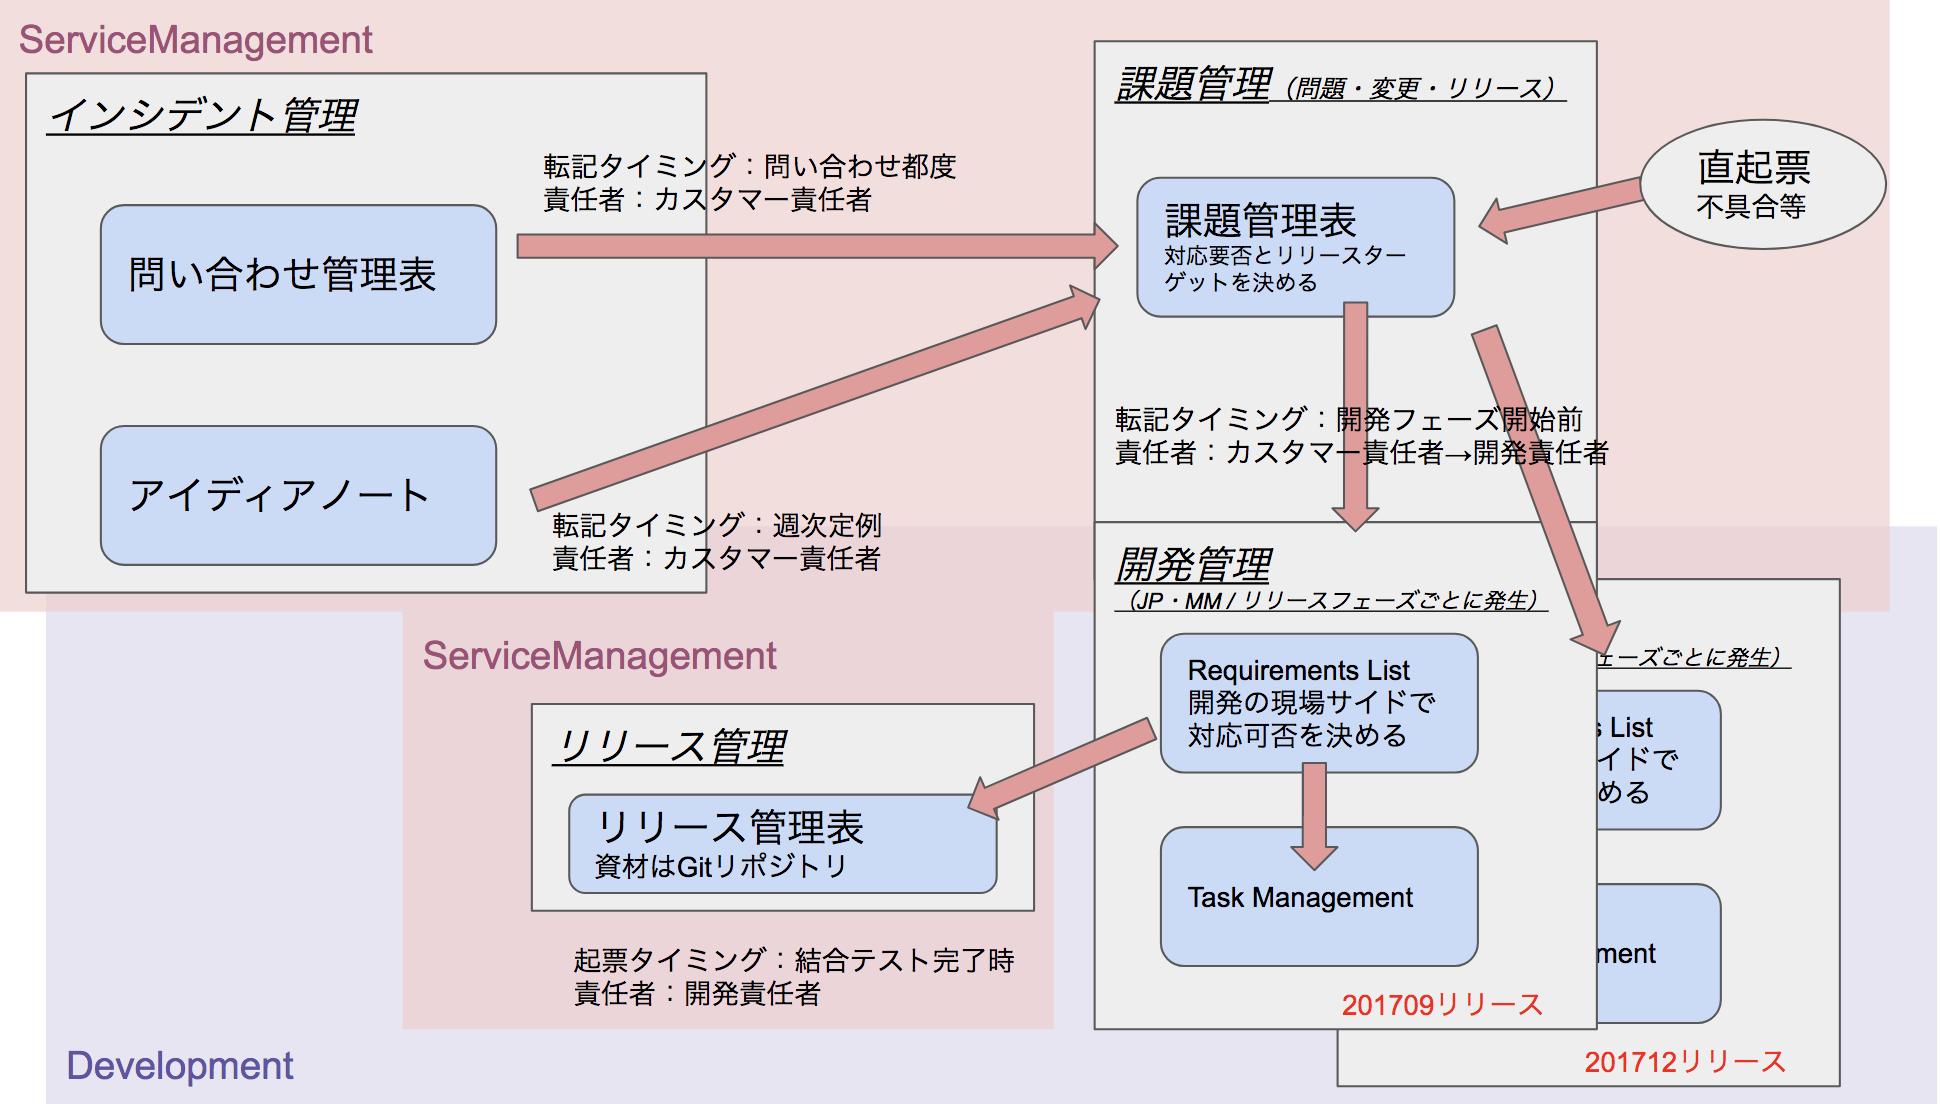 01_StudySmile問い合わせ発生.png